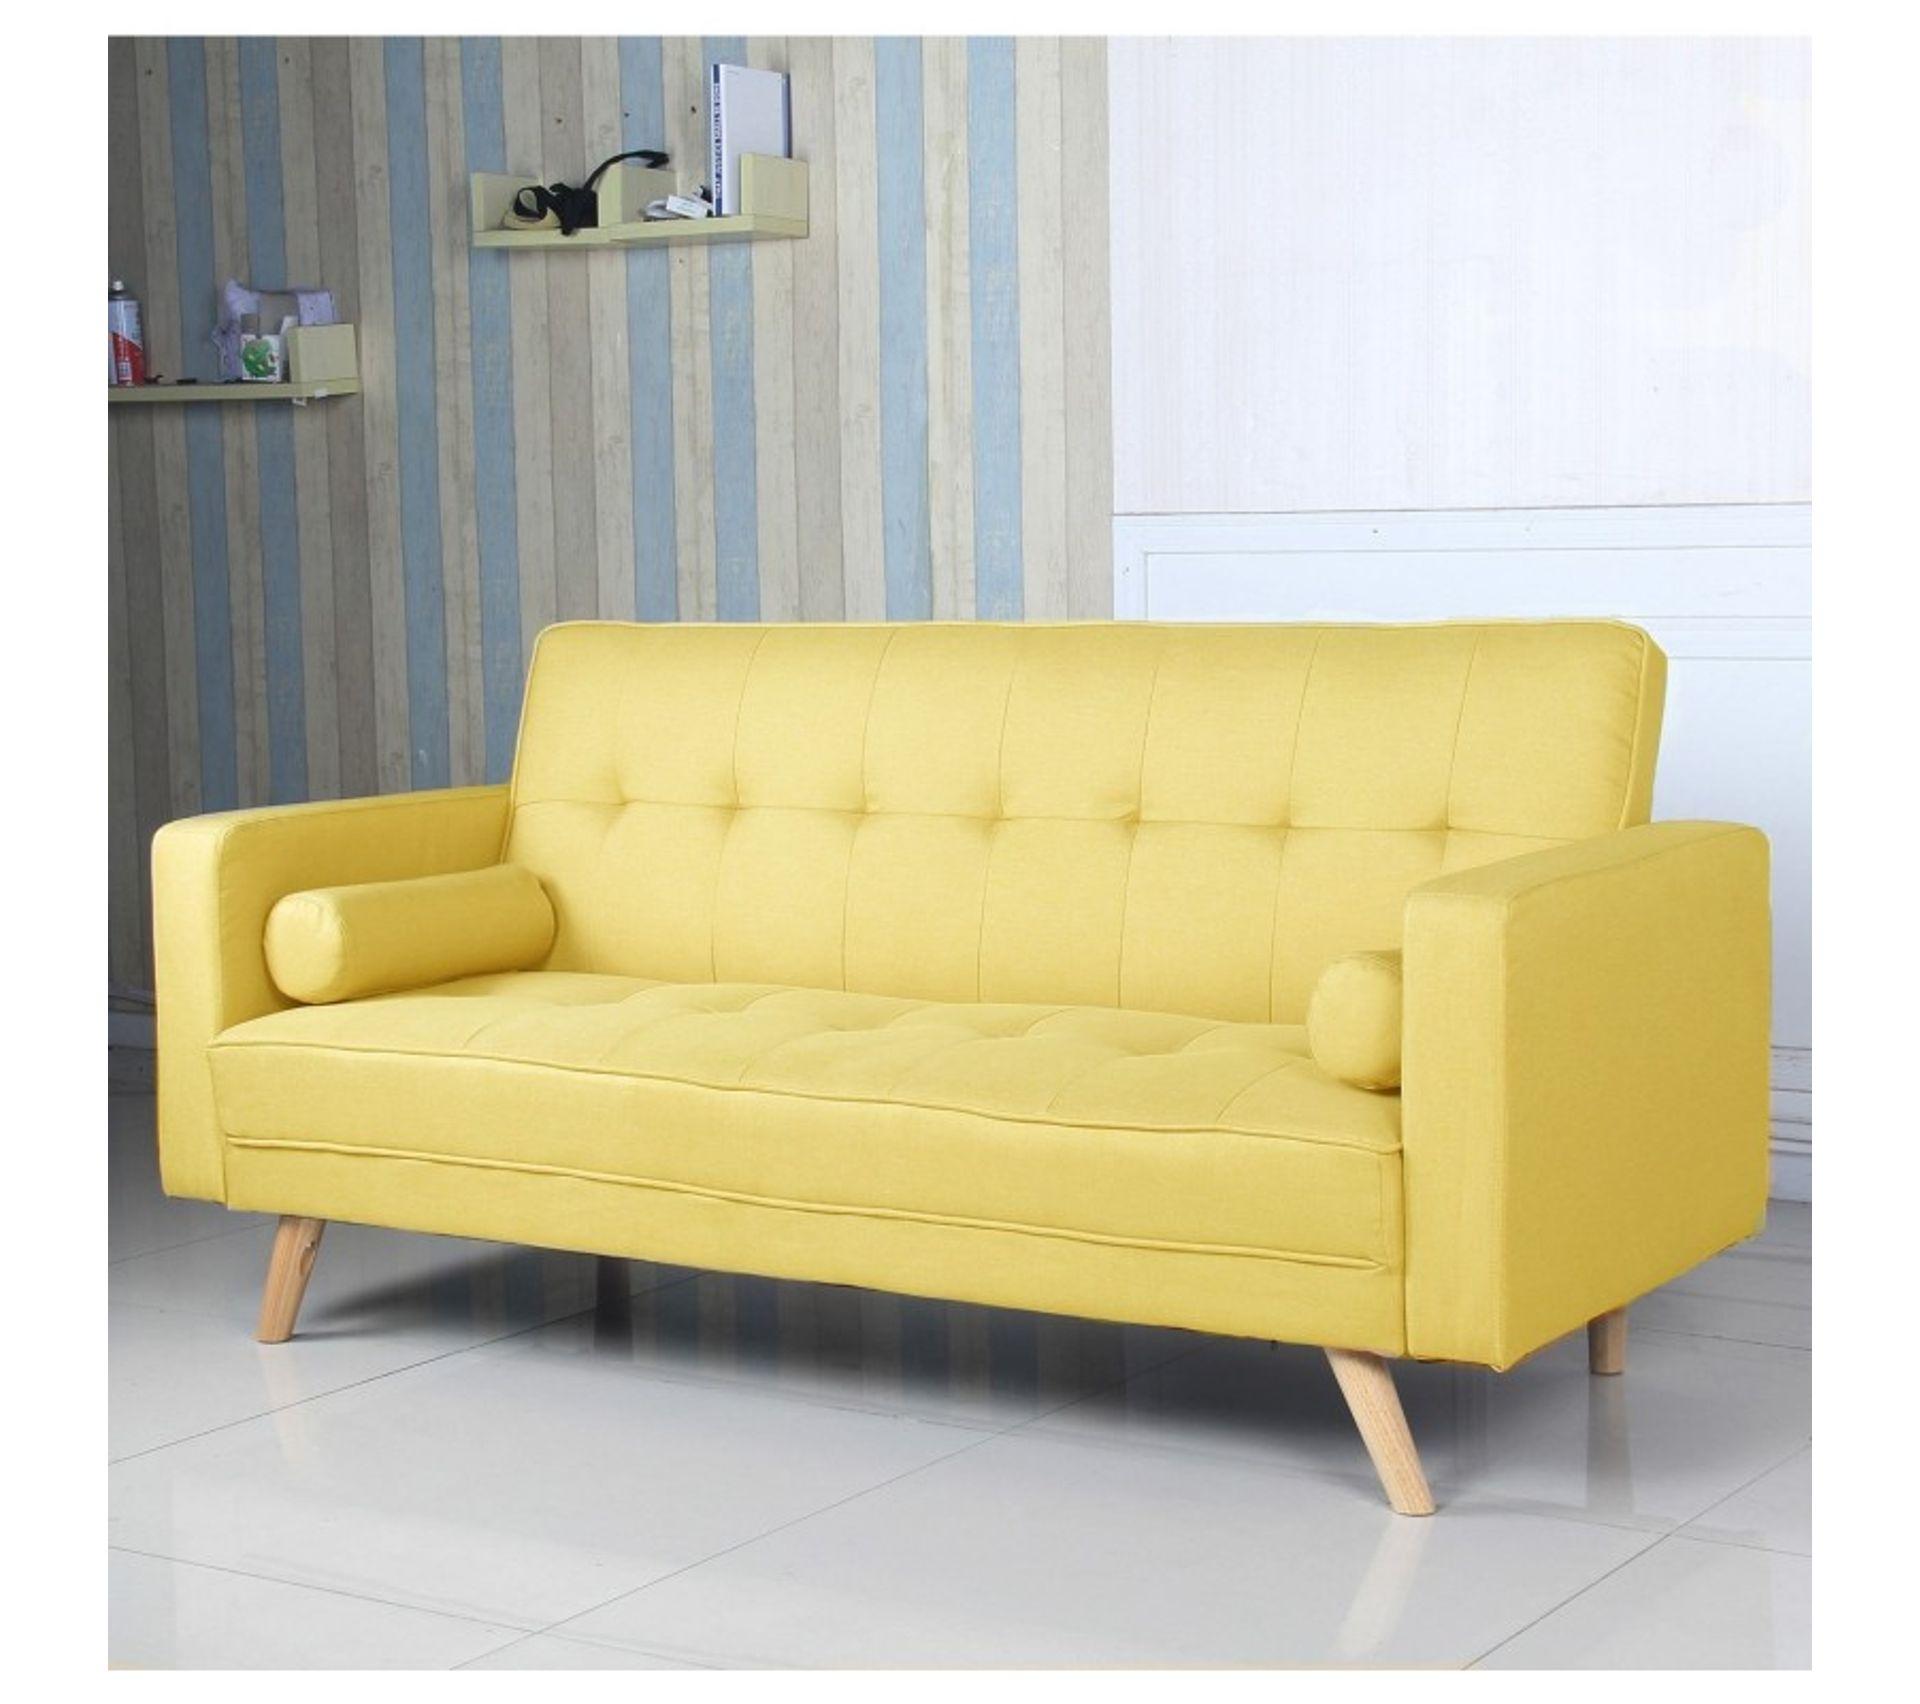 canapé convertible clicclac scandinave slow tissu jaune